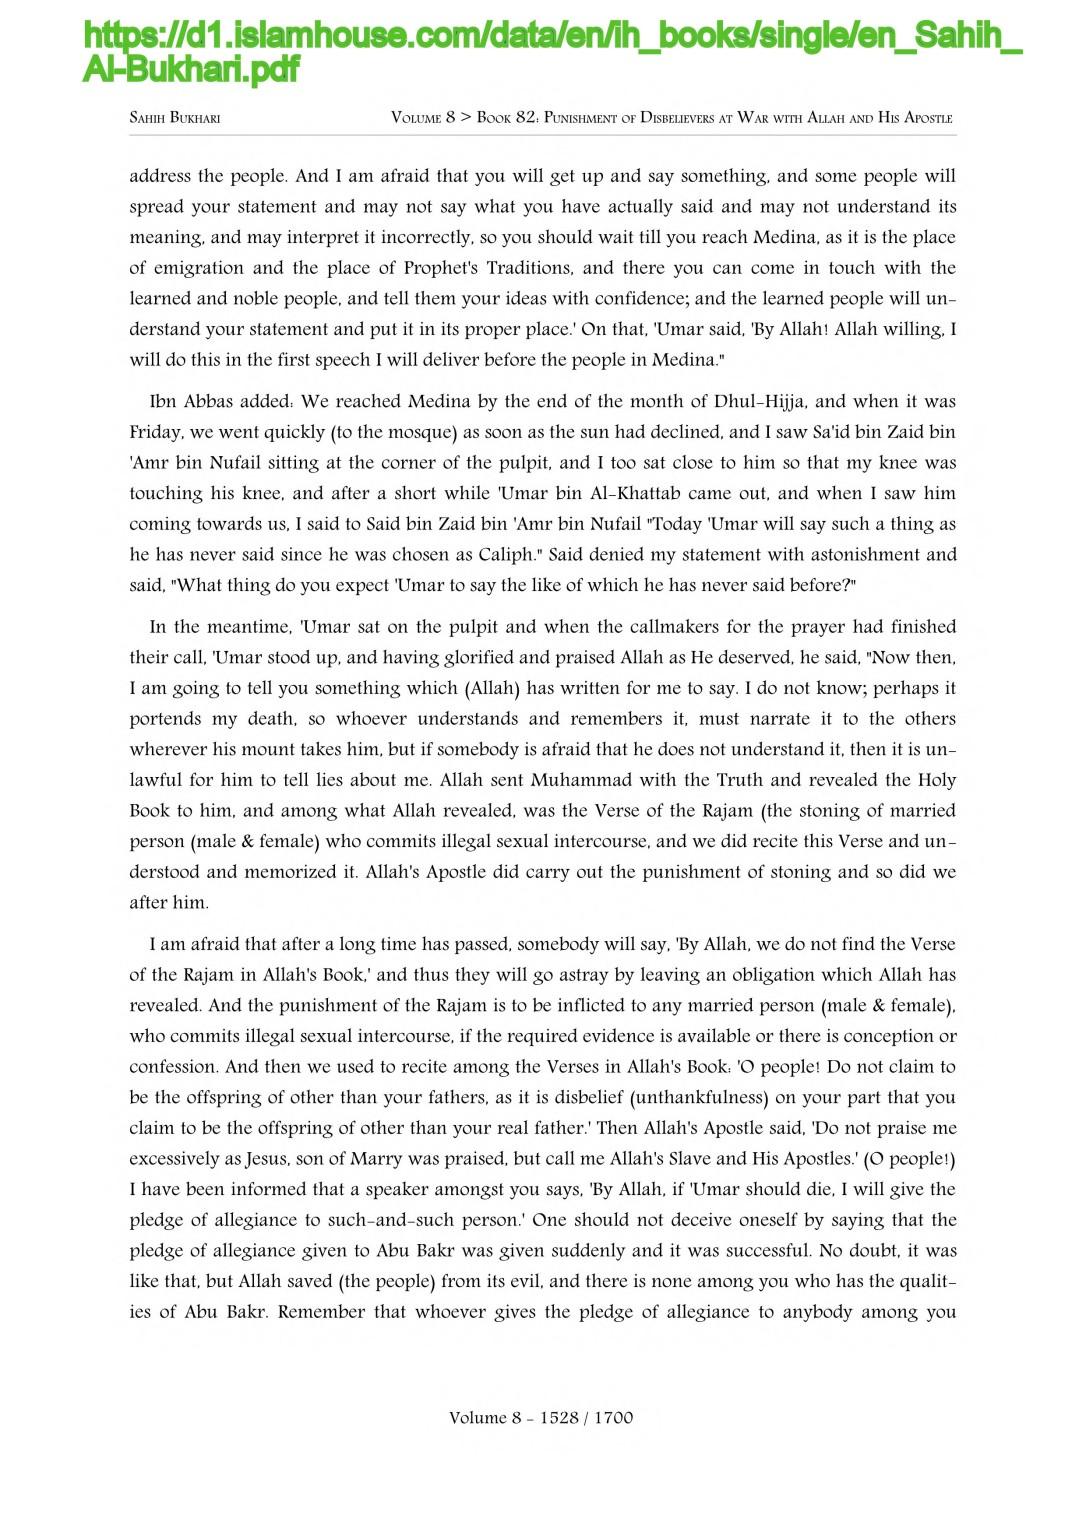 Sahih_Al-Bukhari_1527 (2)